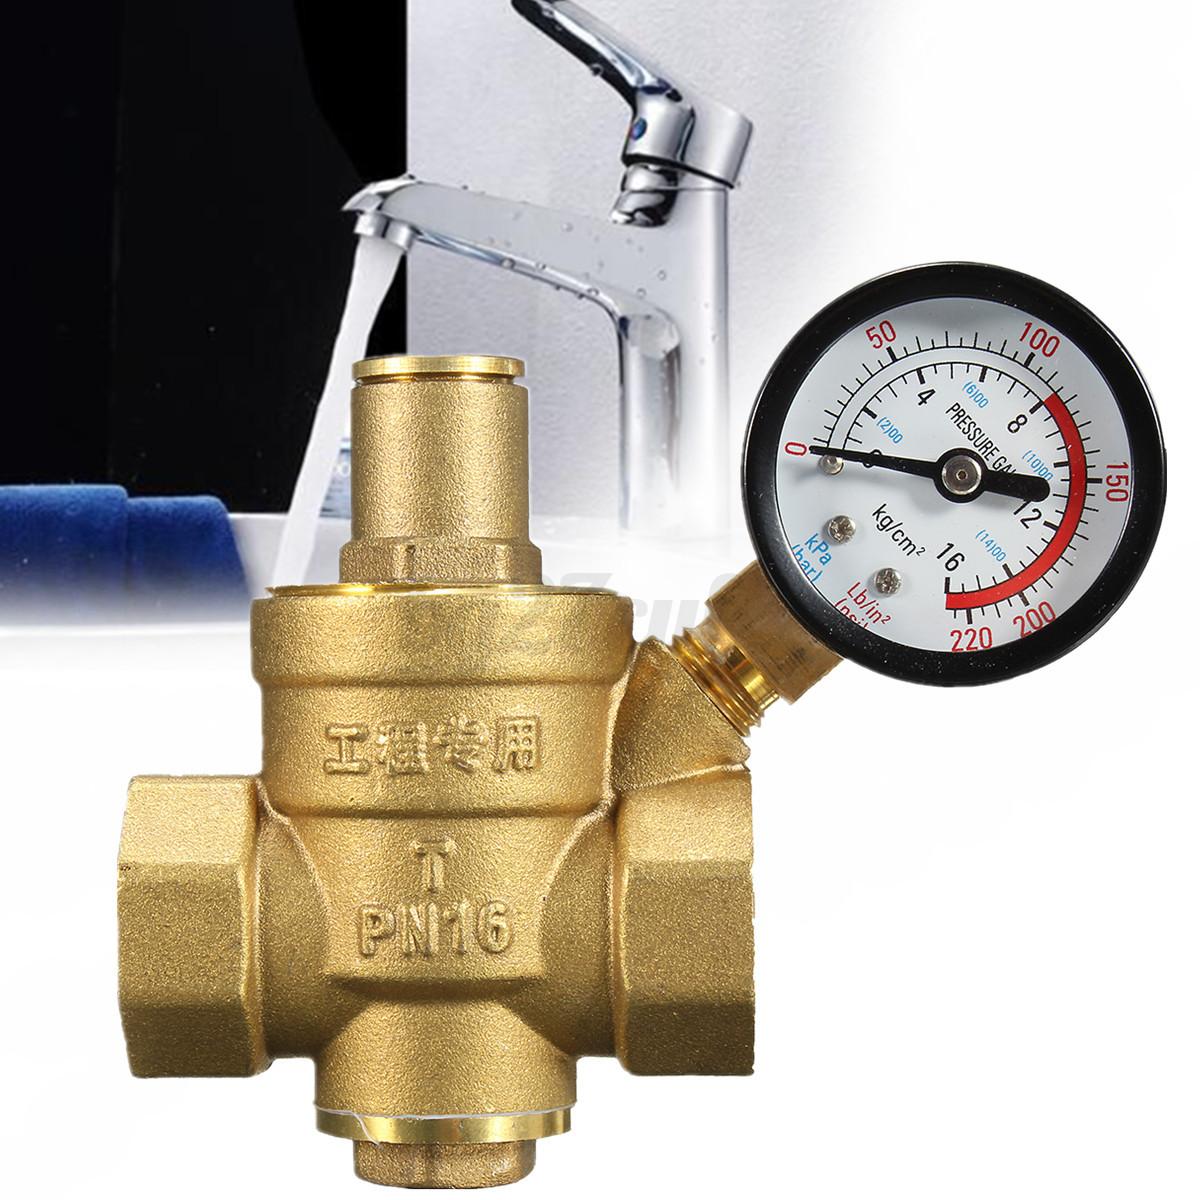 dn20 3 4 39 39 brass water valve pressure reducer gauge meter adjus. Black Bedroom Furniture Sets. Home Design Ideas